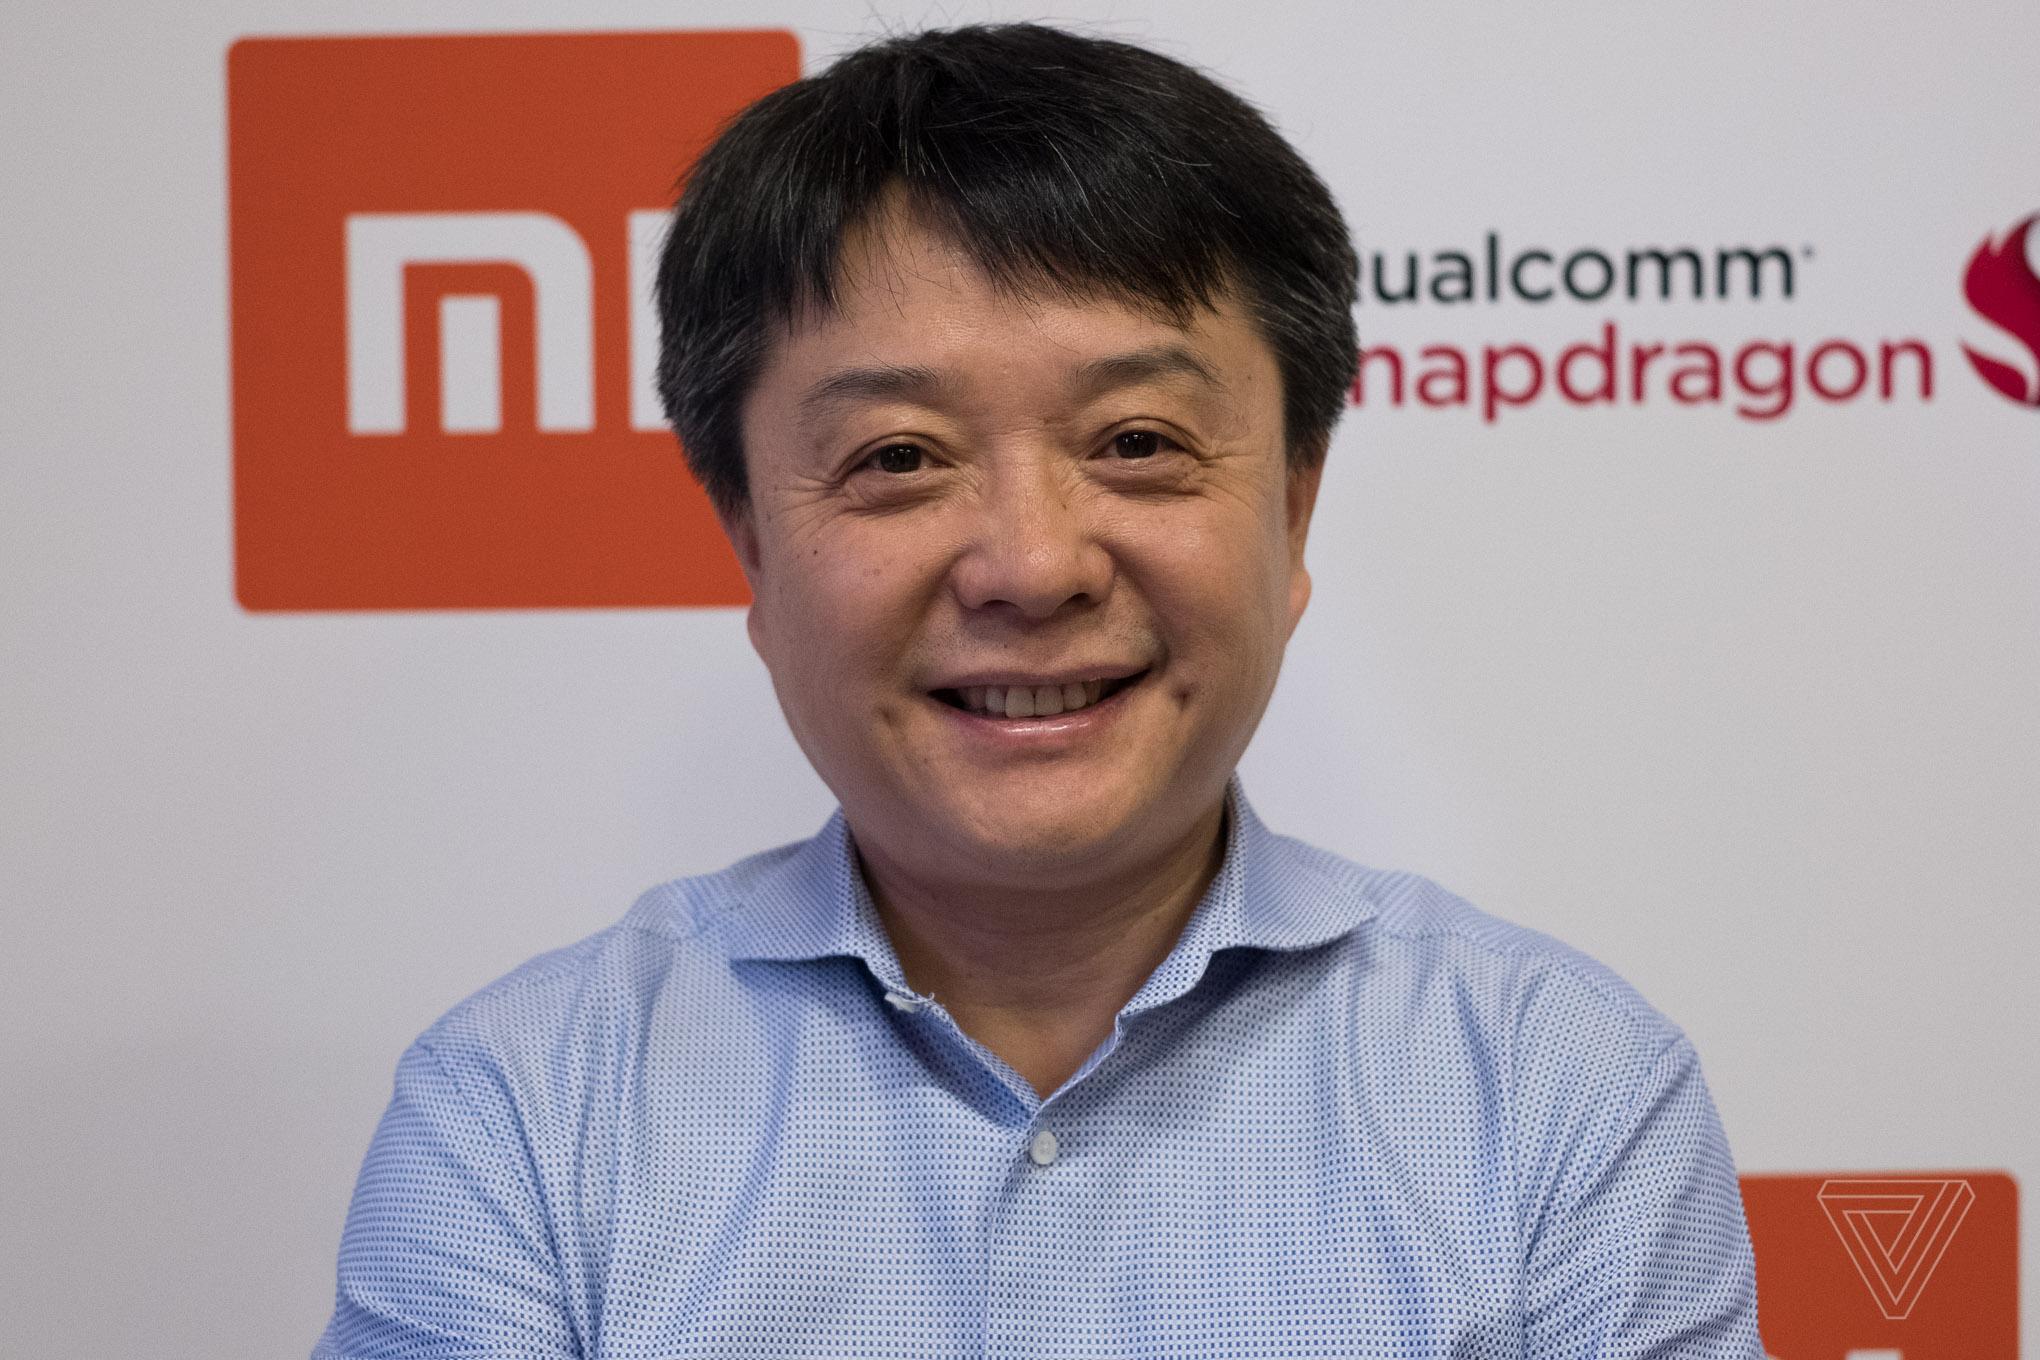 Wang Xiang, Xiaomi